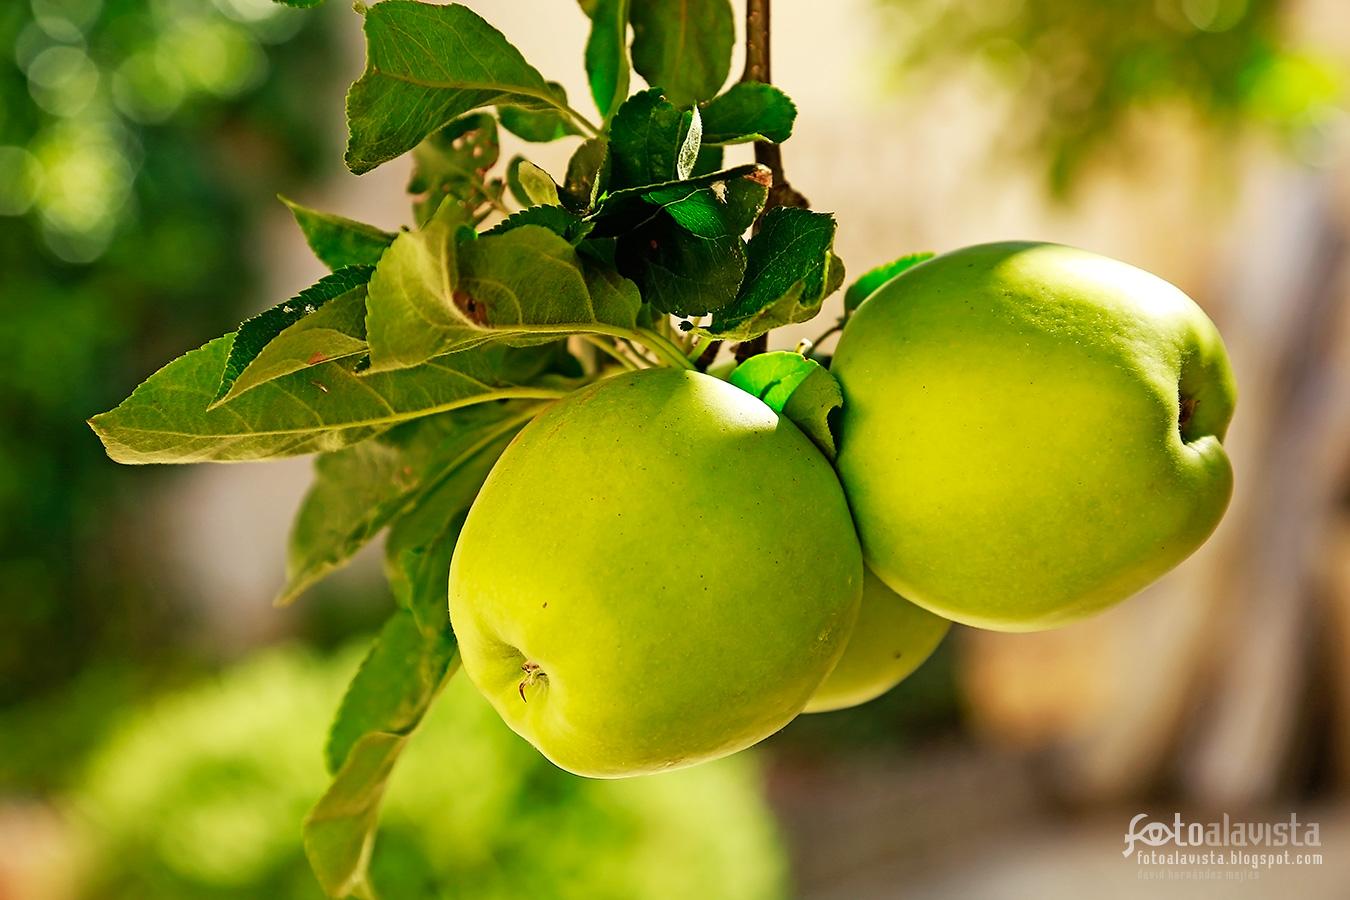 Pequeño ramillete de manzanas - Fotografía